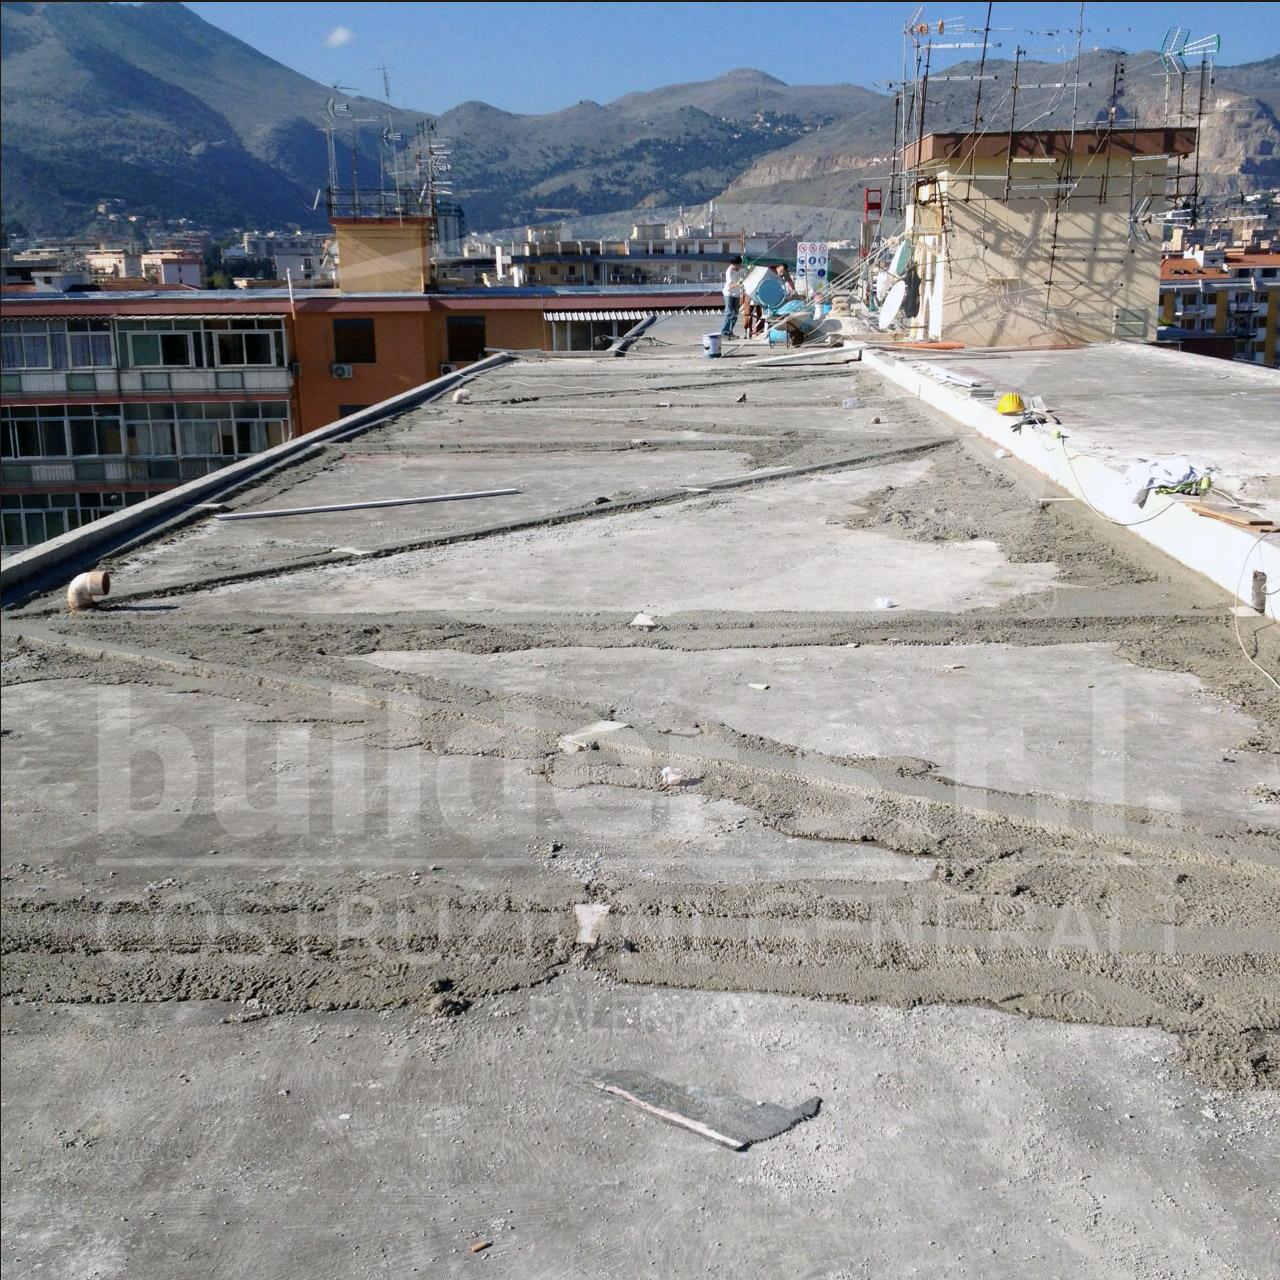 Massetto sabbia e cemento massetto sabbia e cemento - Massetto sabbia cemento proporzioni ...